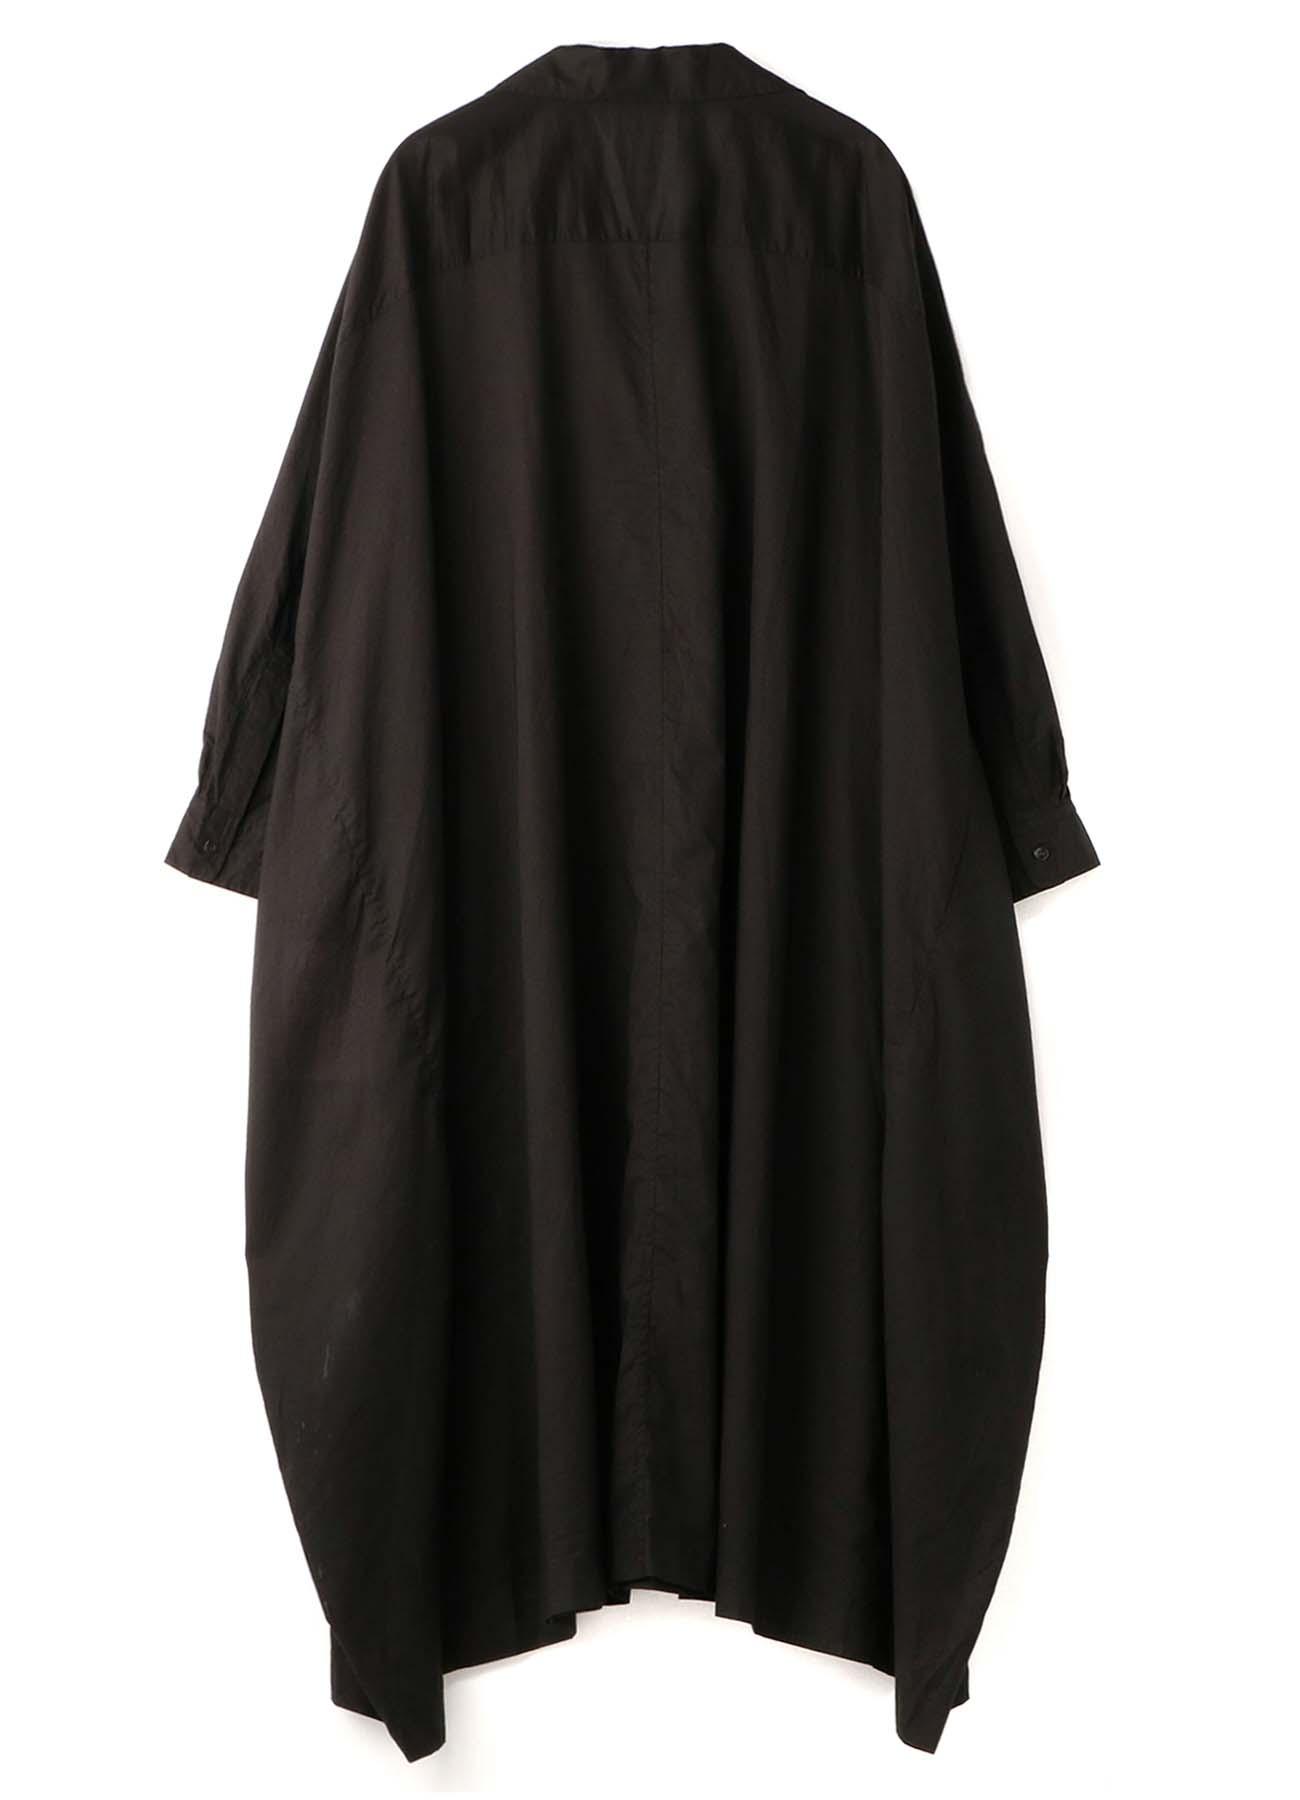 60/1 LAWN BIG SHIRT DRESS